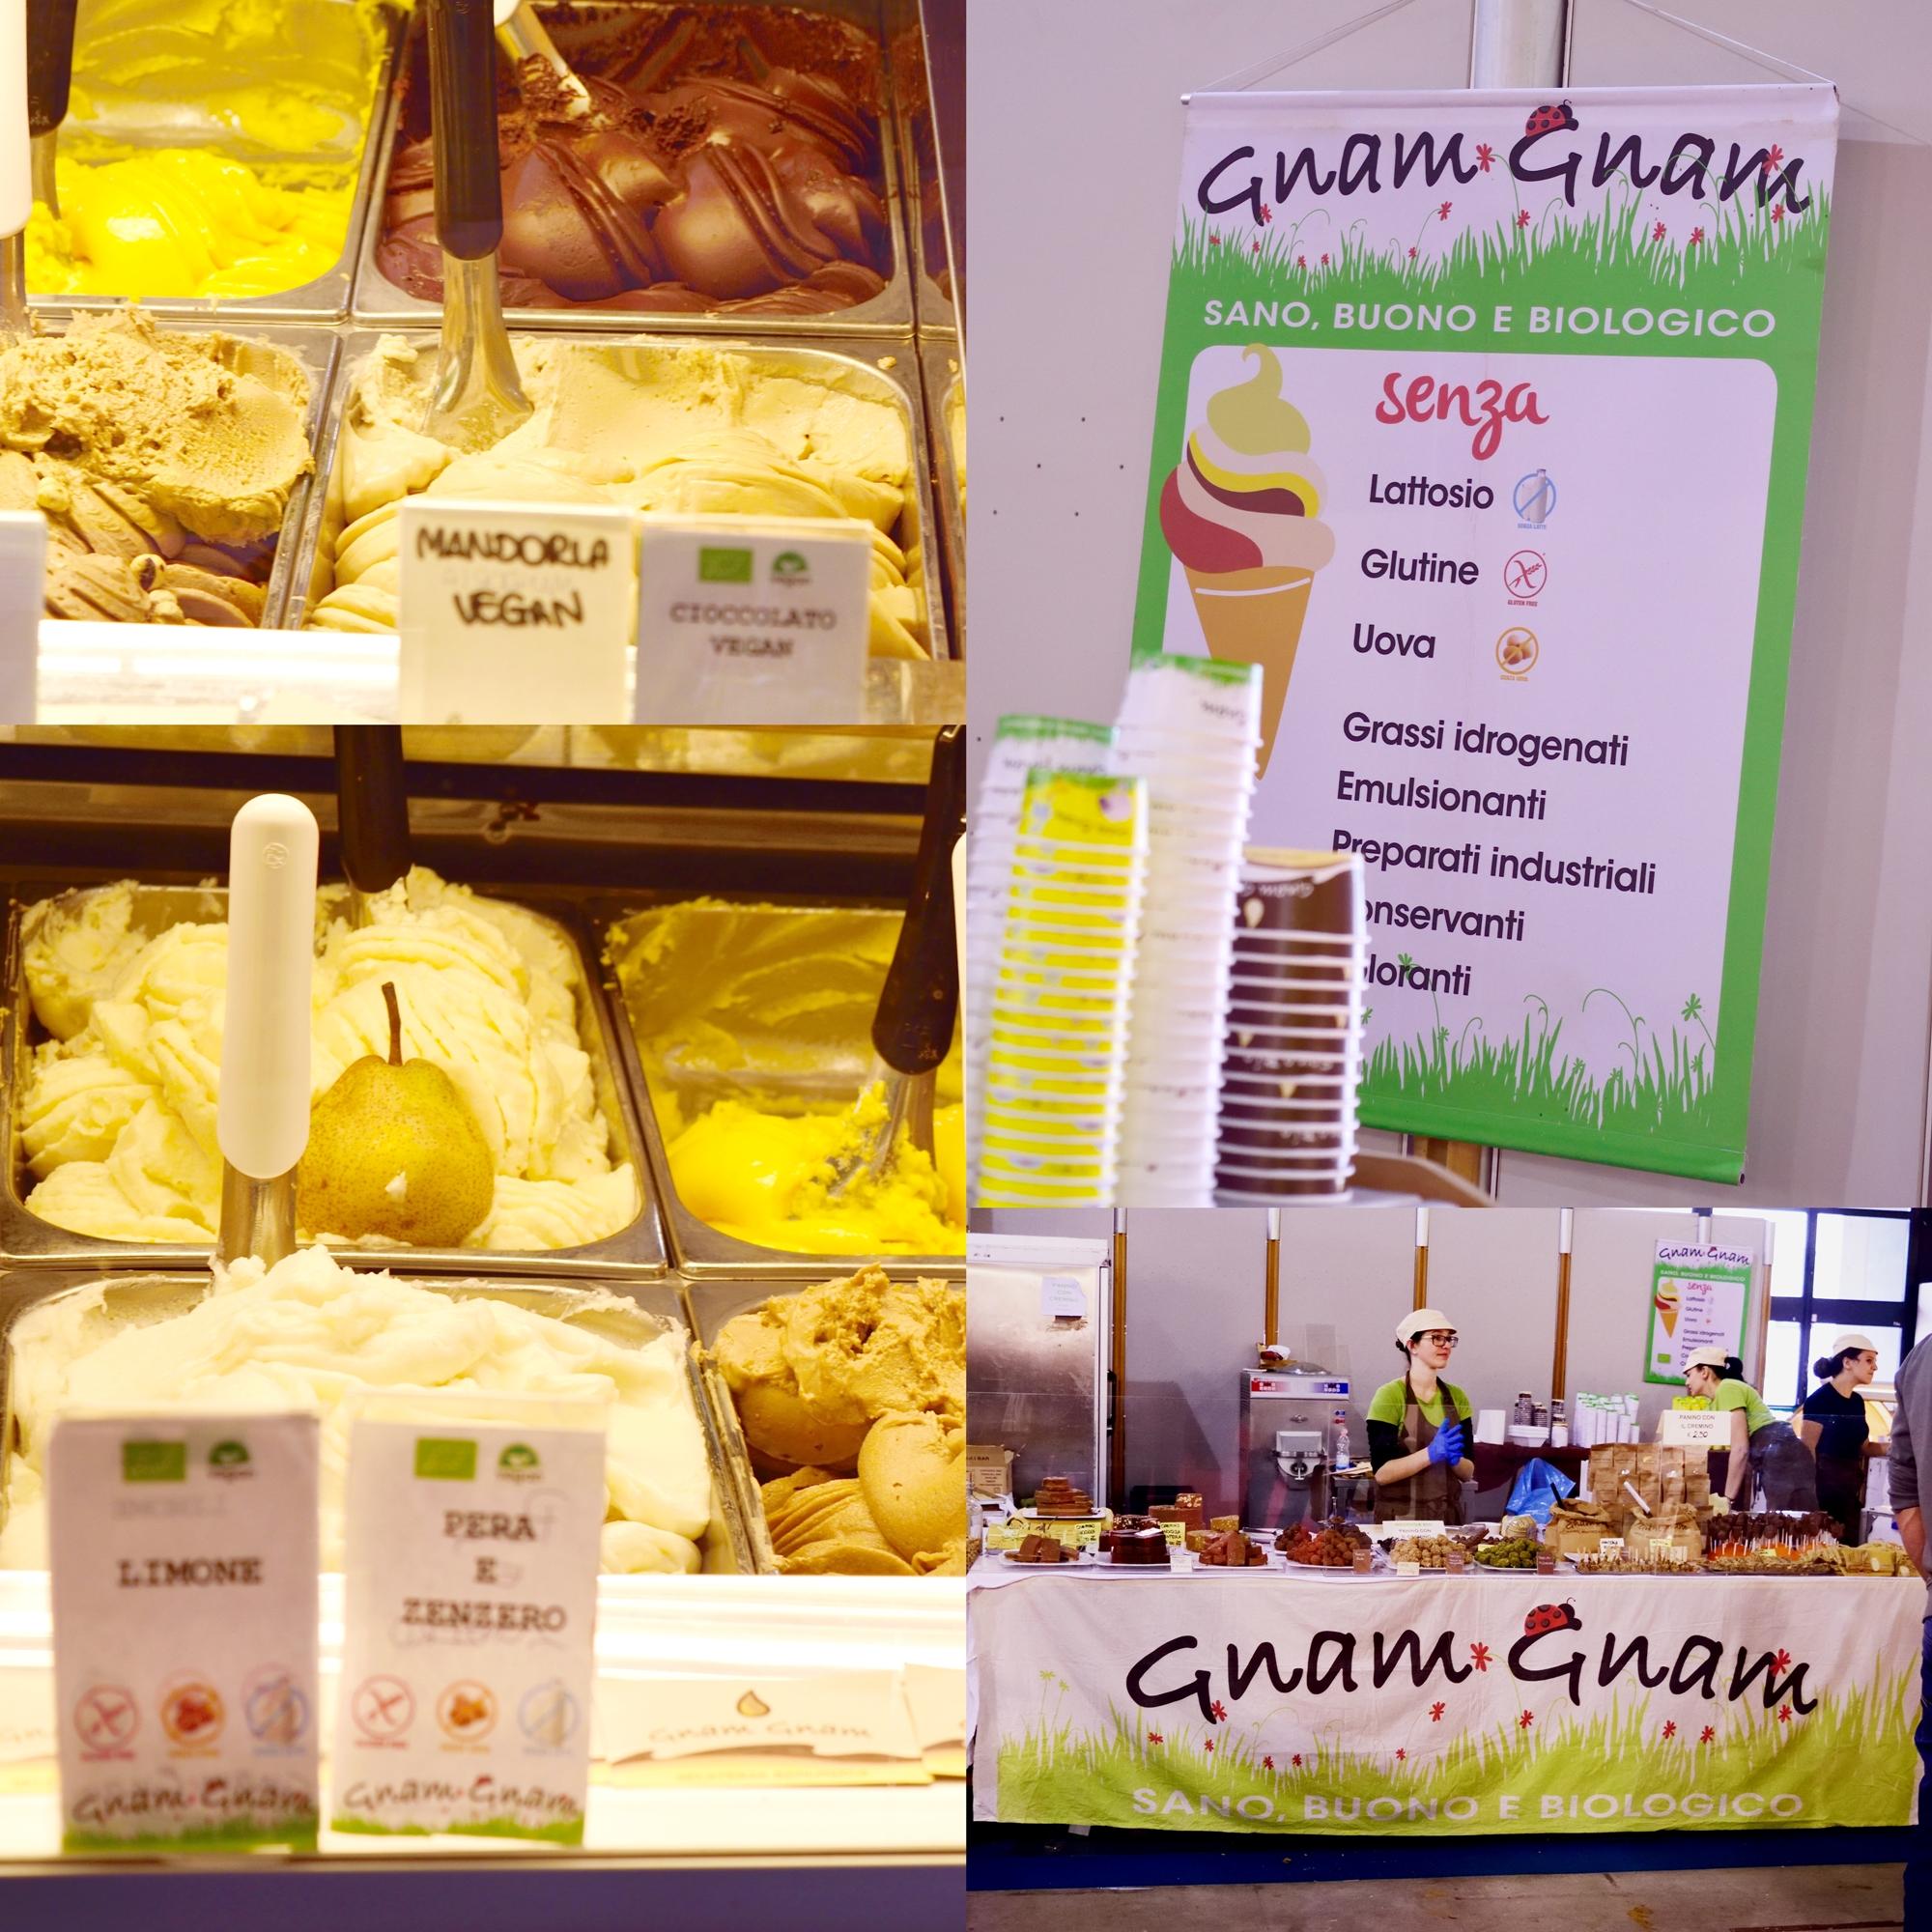 Gelateria Gnam Gnam, non solo senza glutine ma con tantissimi senza, Nutrisan - Gluten Free Travel and  Living